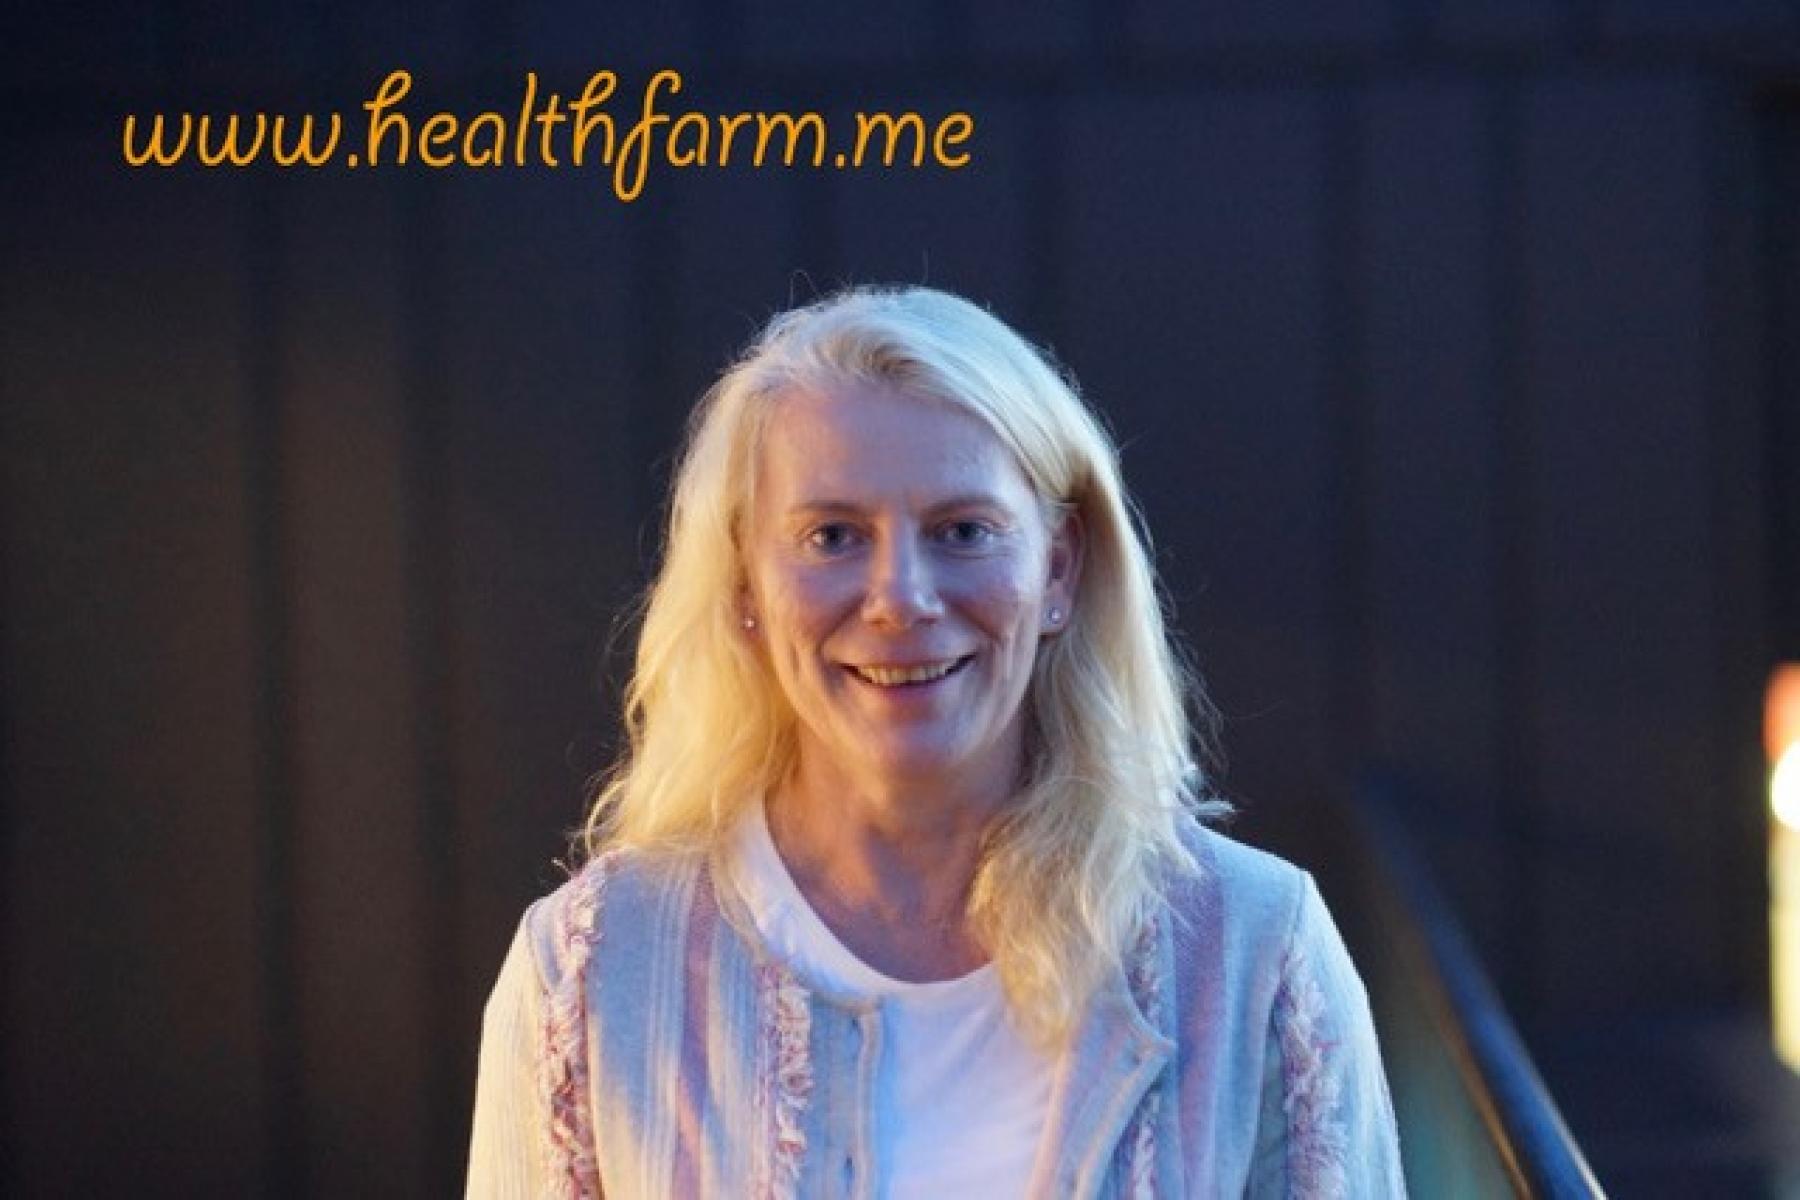 Health Farm